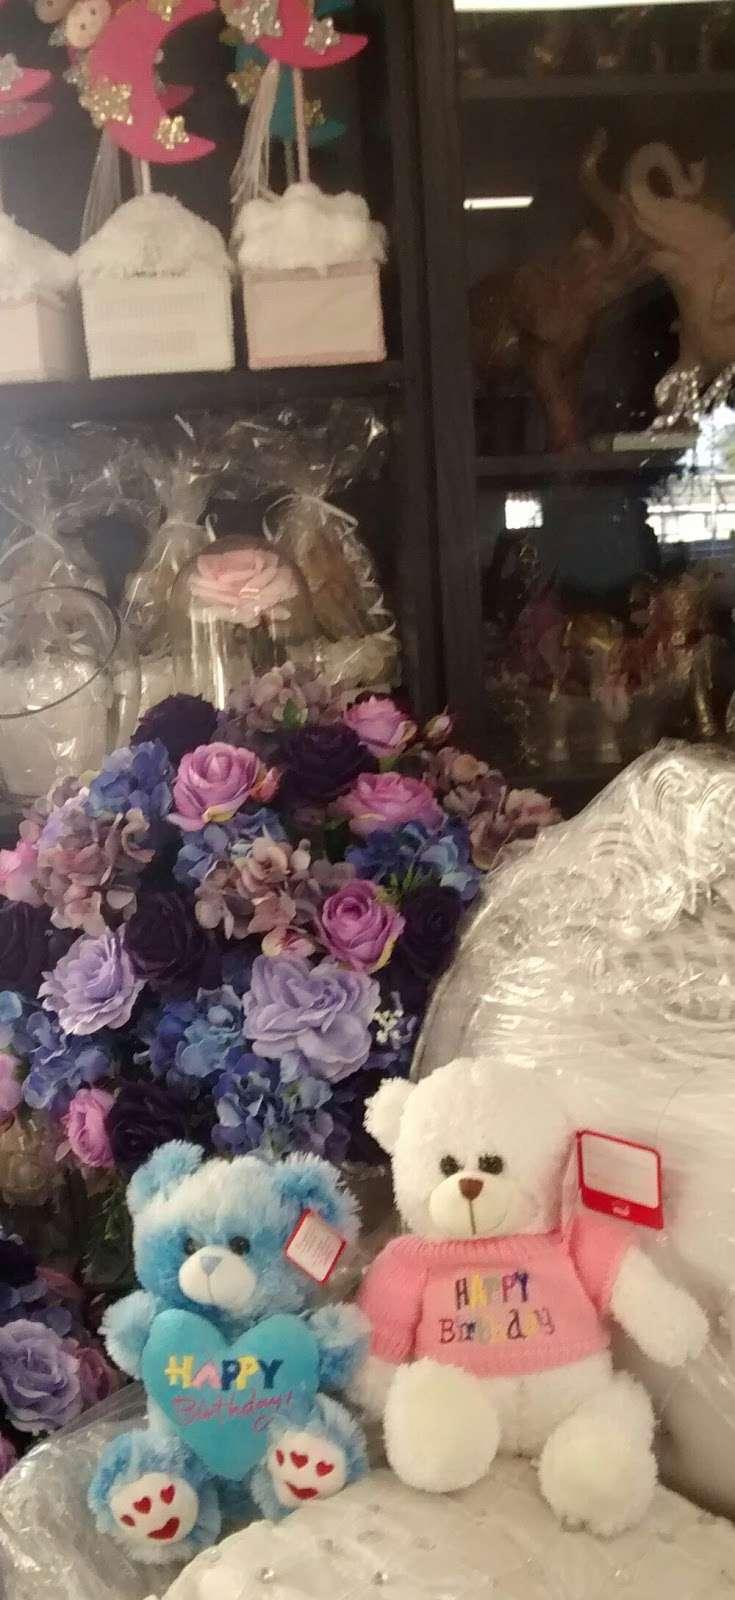 Normas Flower Shop - florist  | Photo 9 of 9 | Address: 3641, 36601 Newark Blvd #81, Newark, CA 94560, USA | Phone: (510) 793-7255